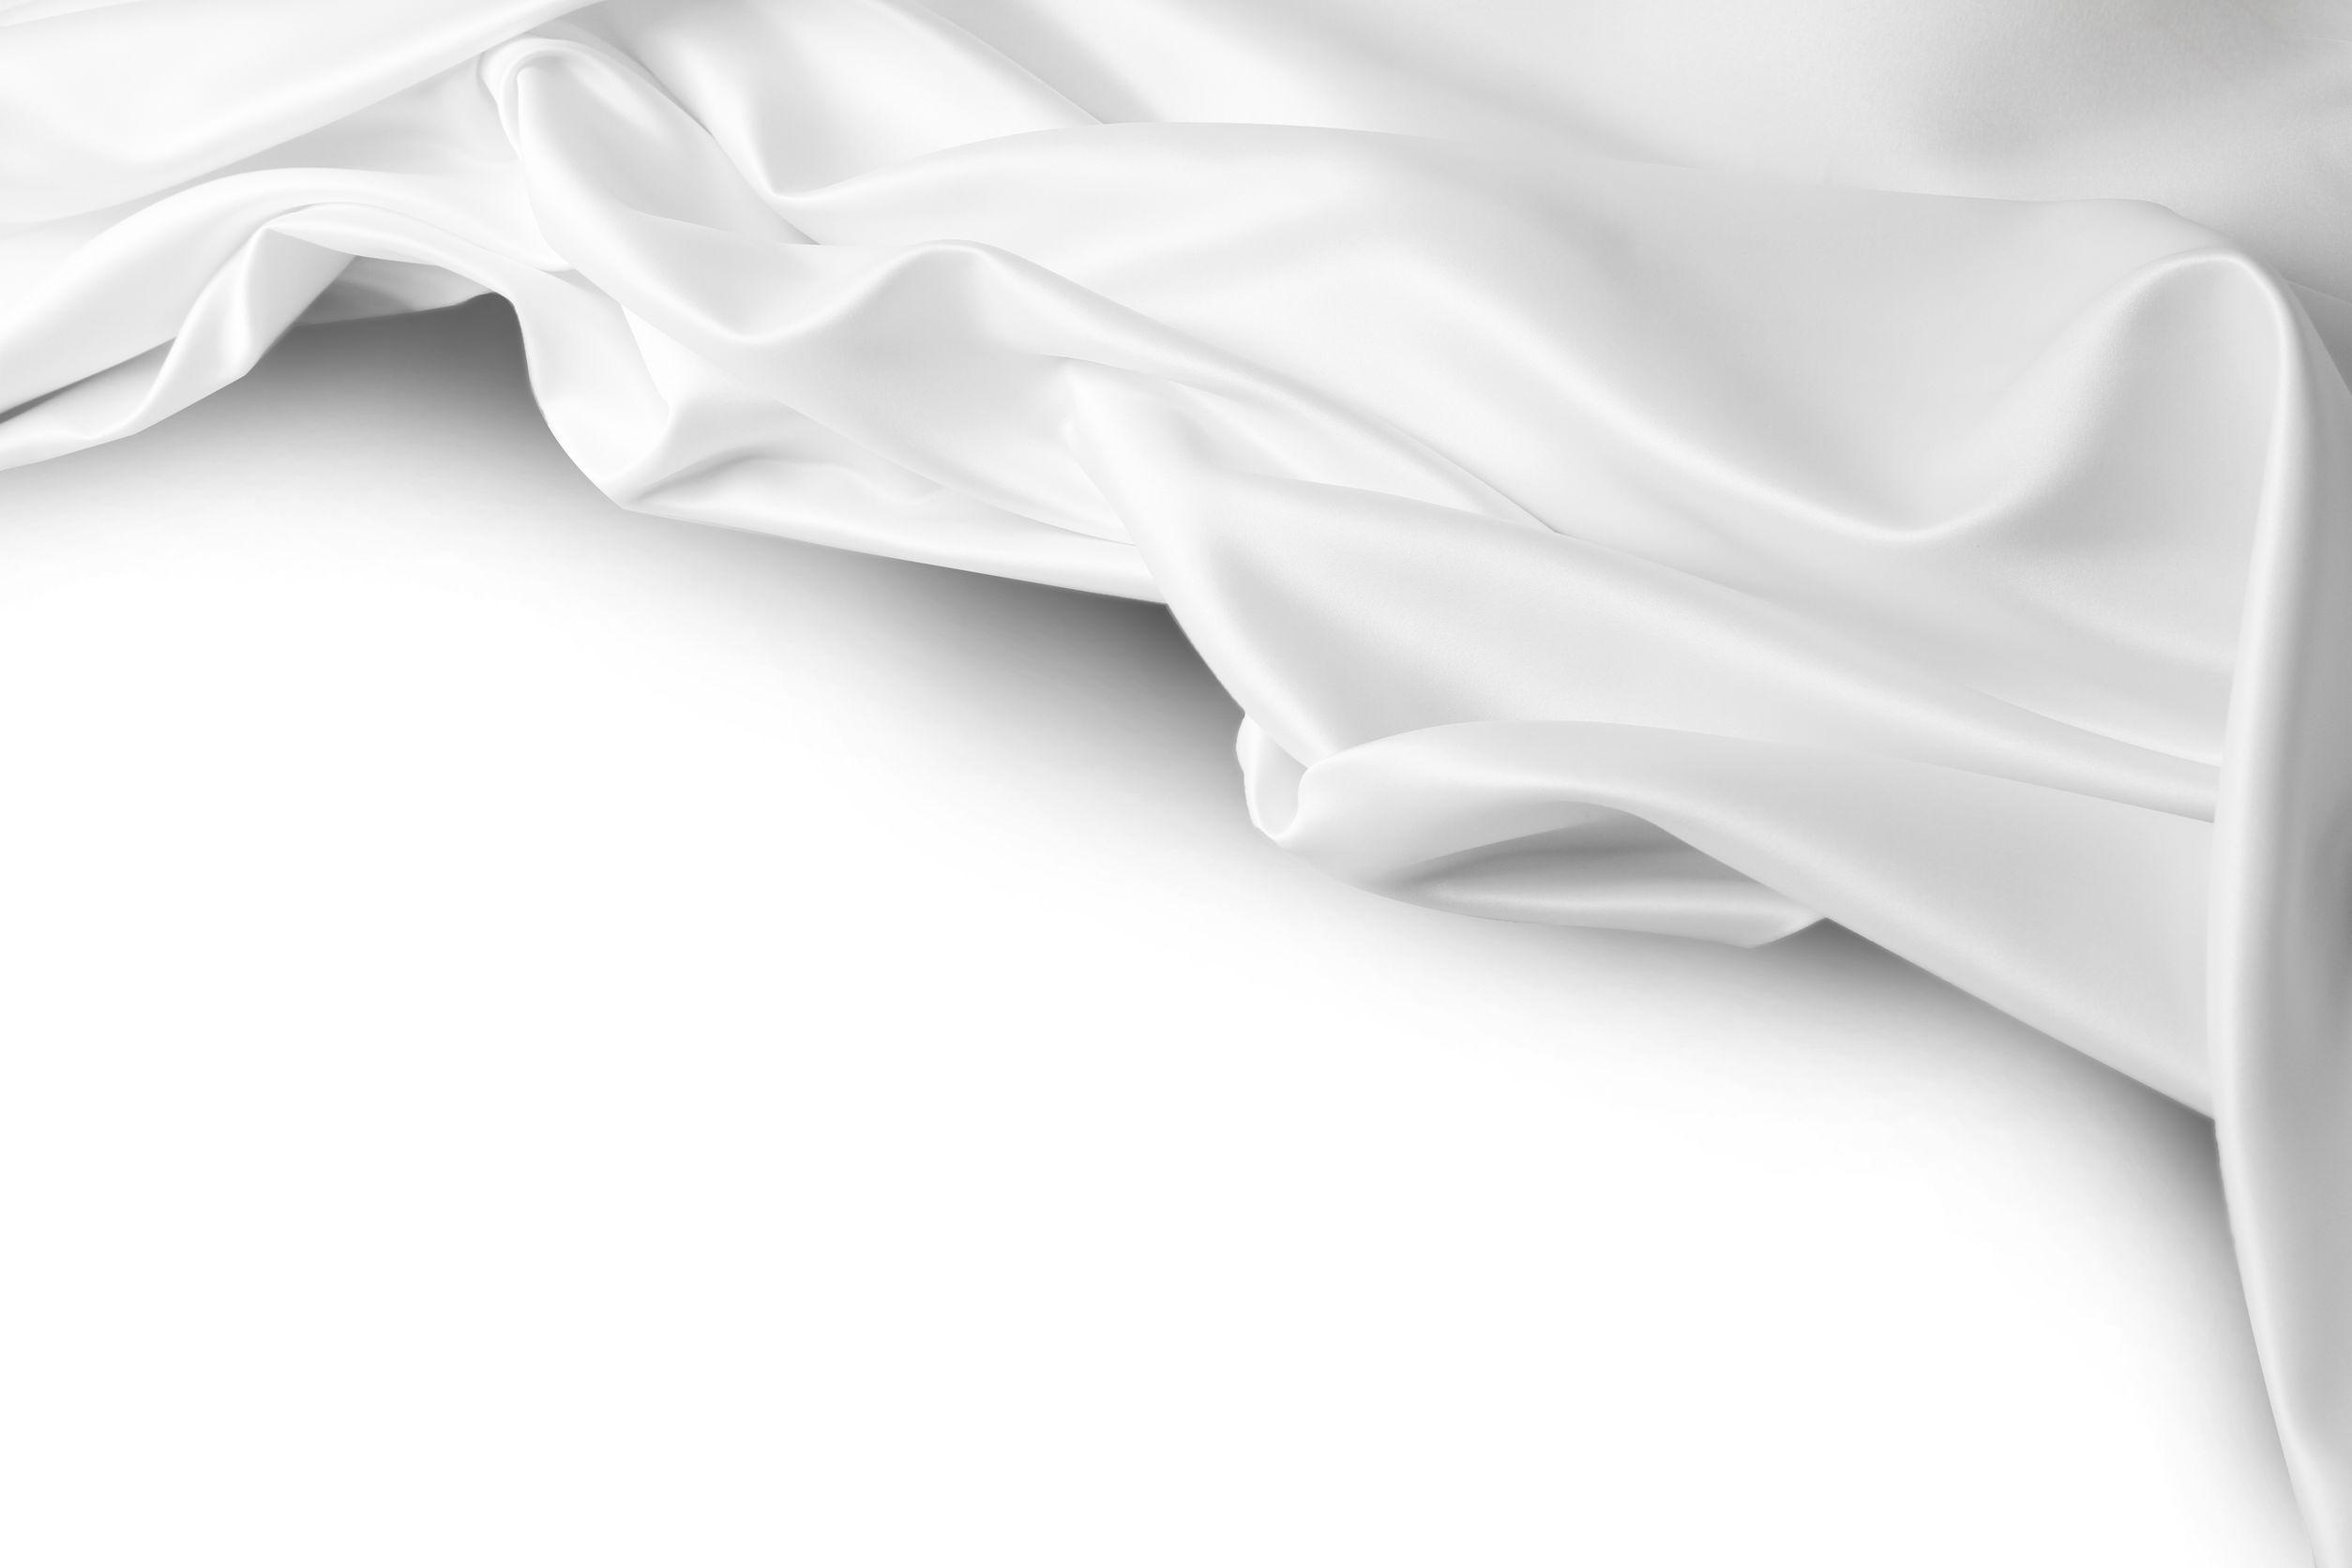 COLORS in Audio Description: White